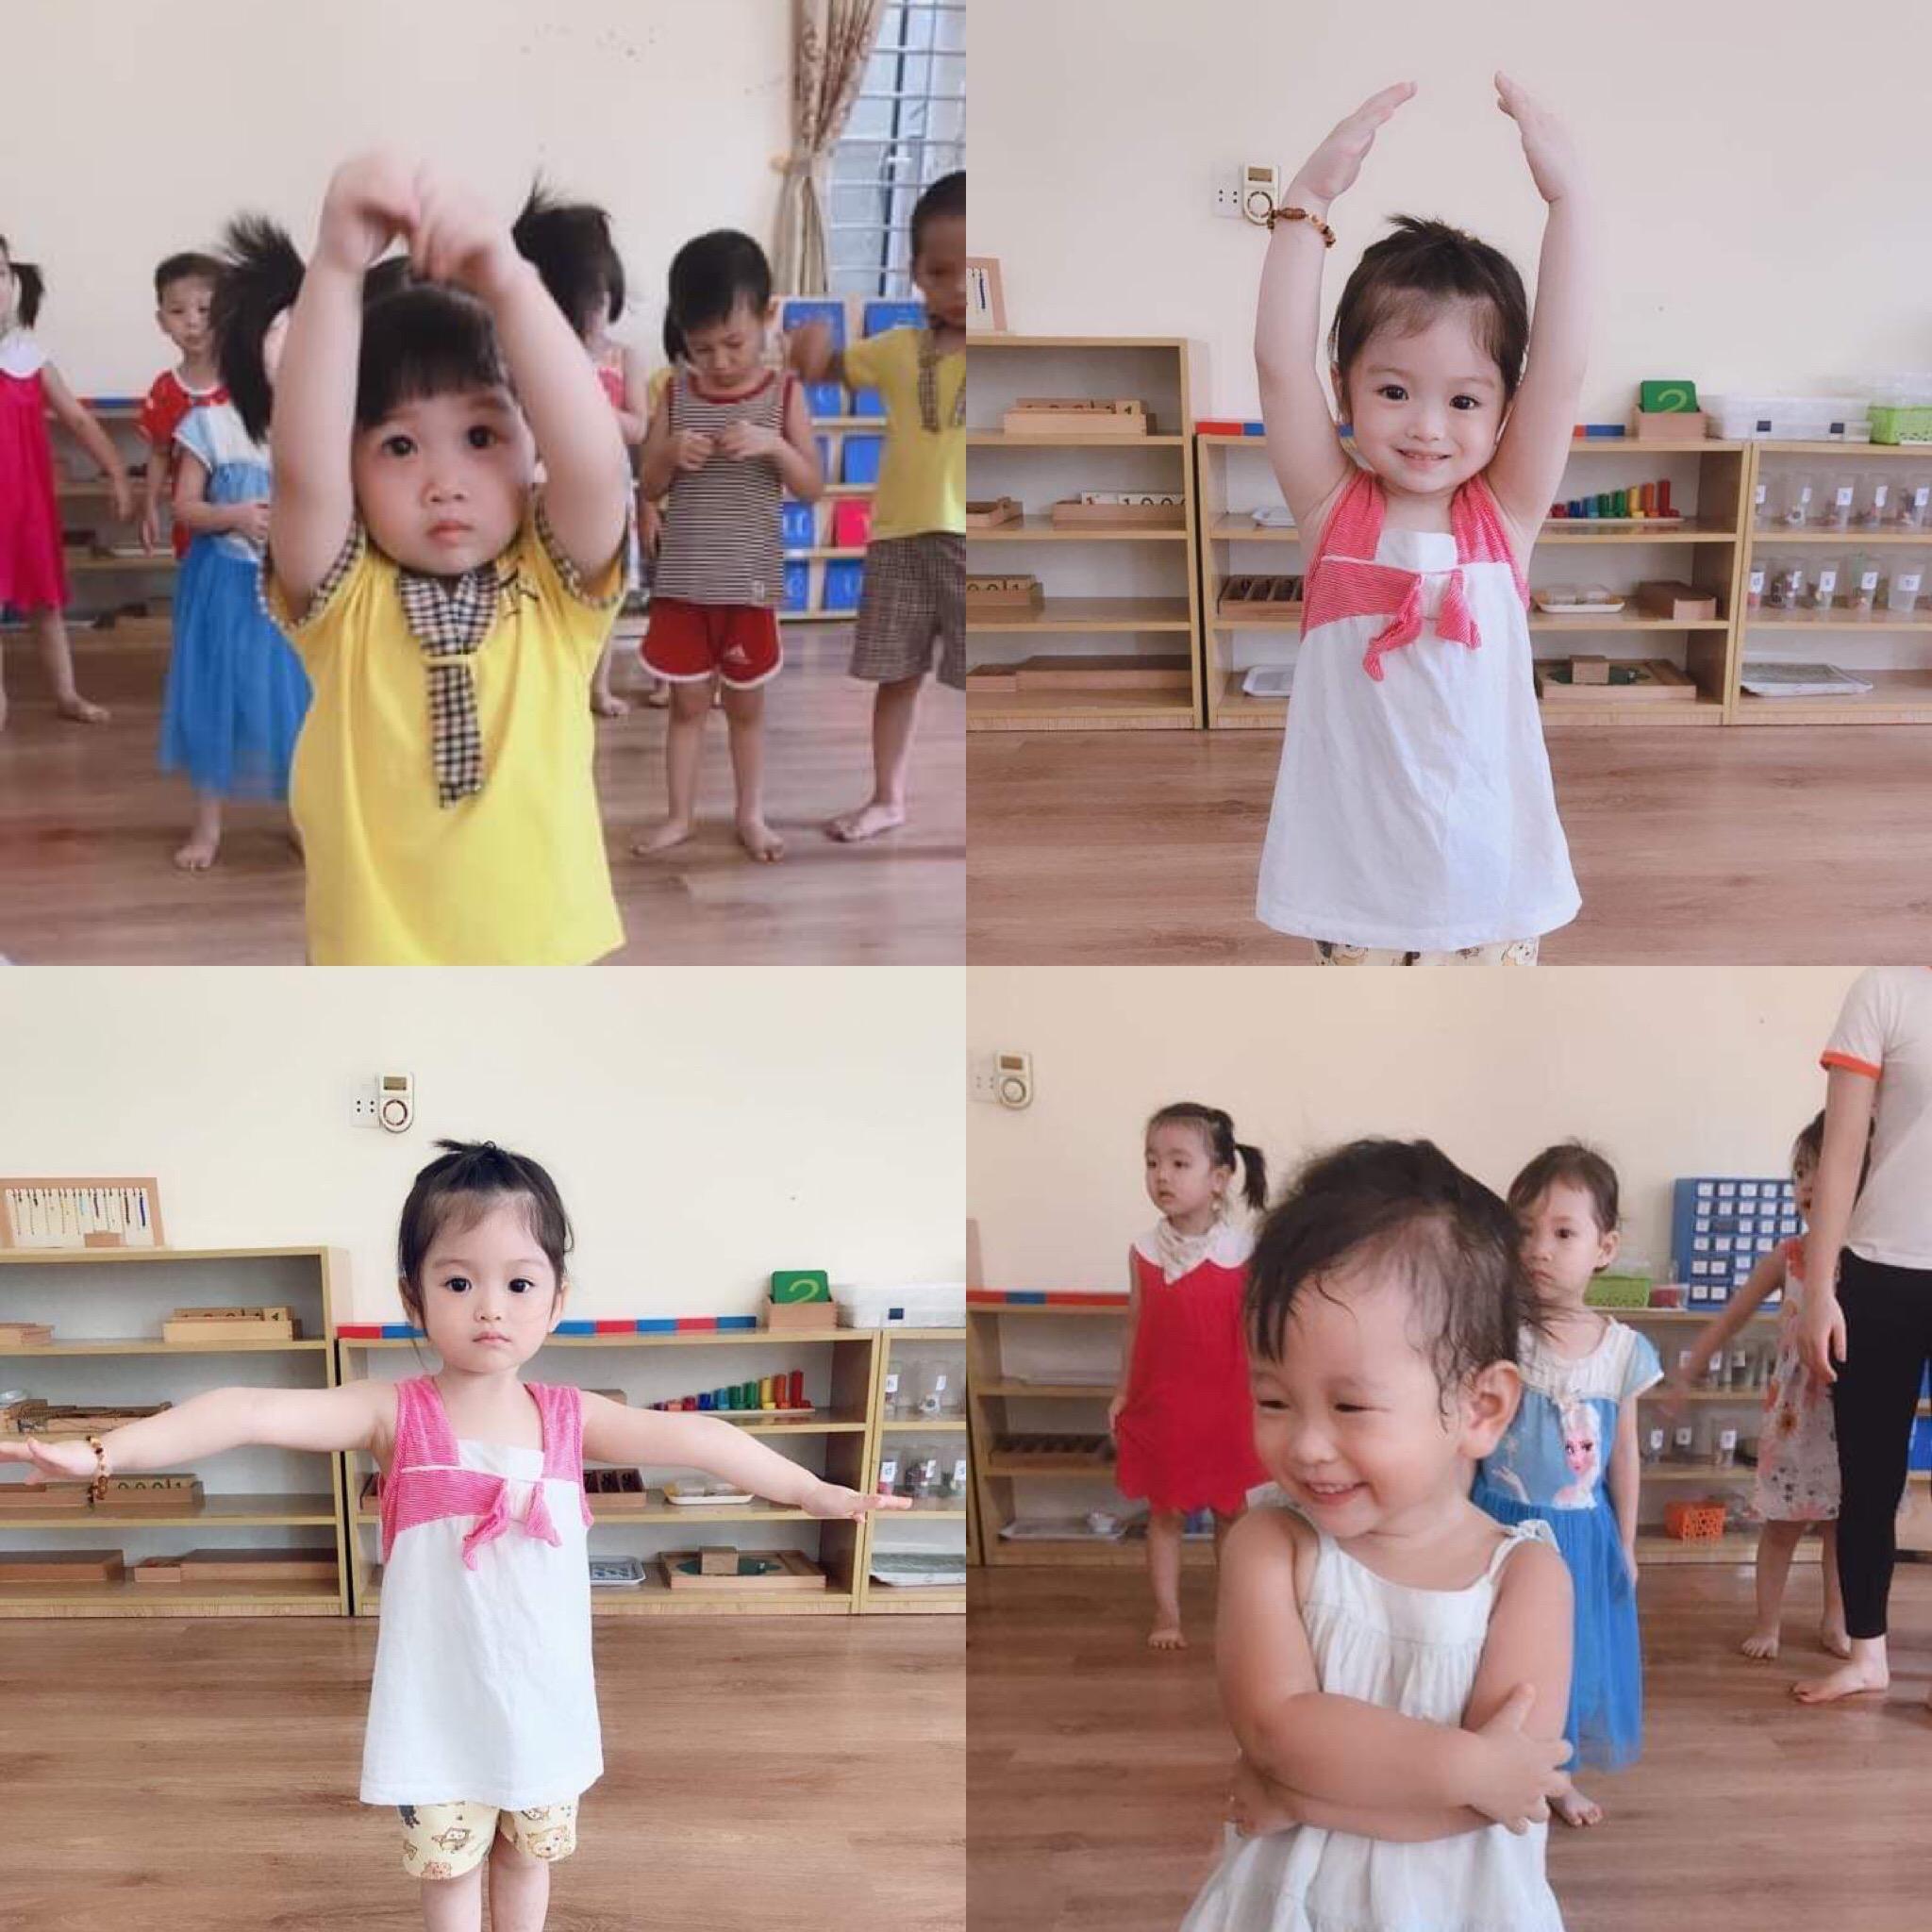 ưu đãi tuyển sinh của Trường mầm non Mon HCH (Hung Yen Children's House) - Vĩnh Khúc